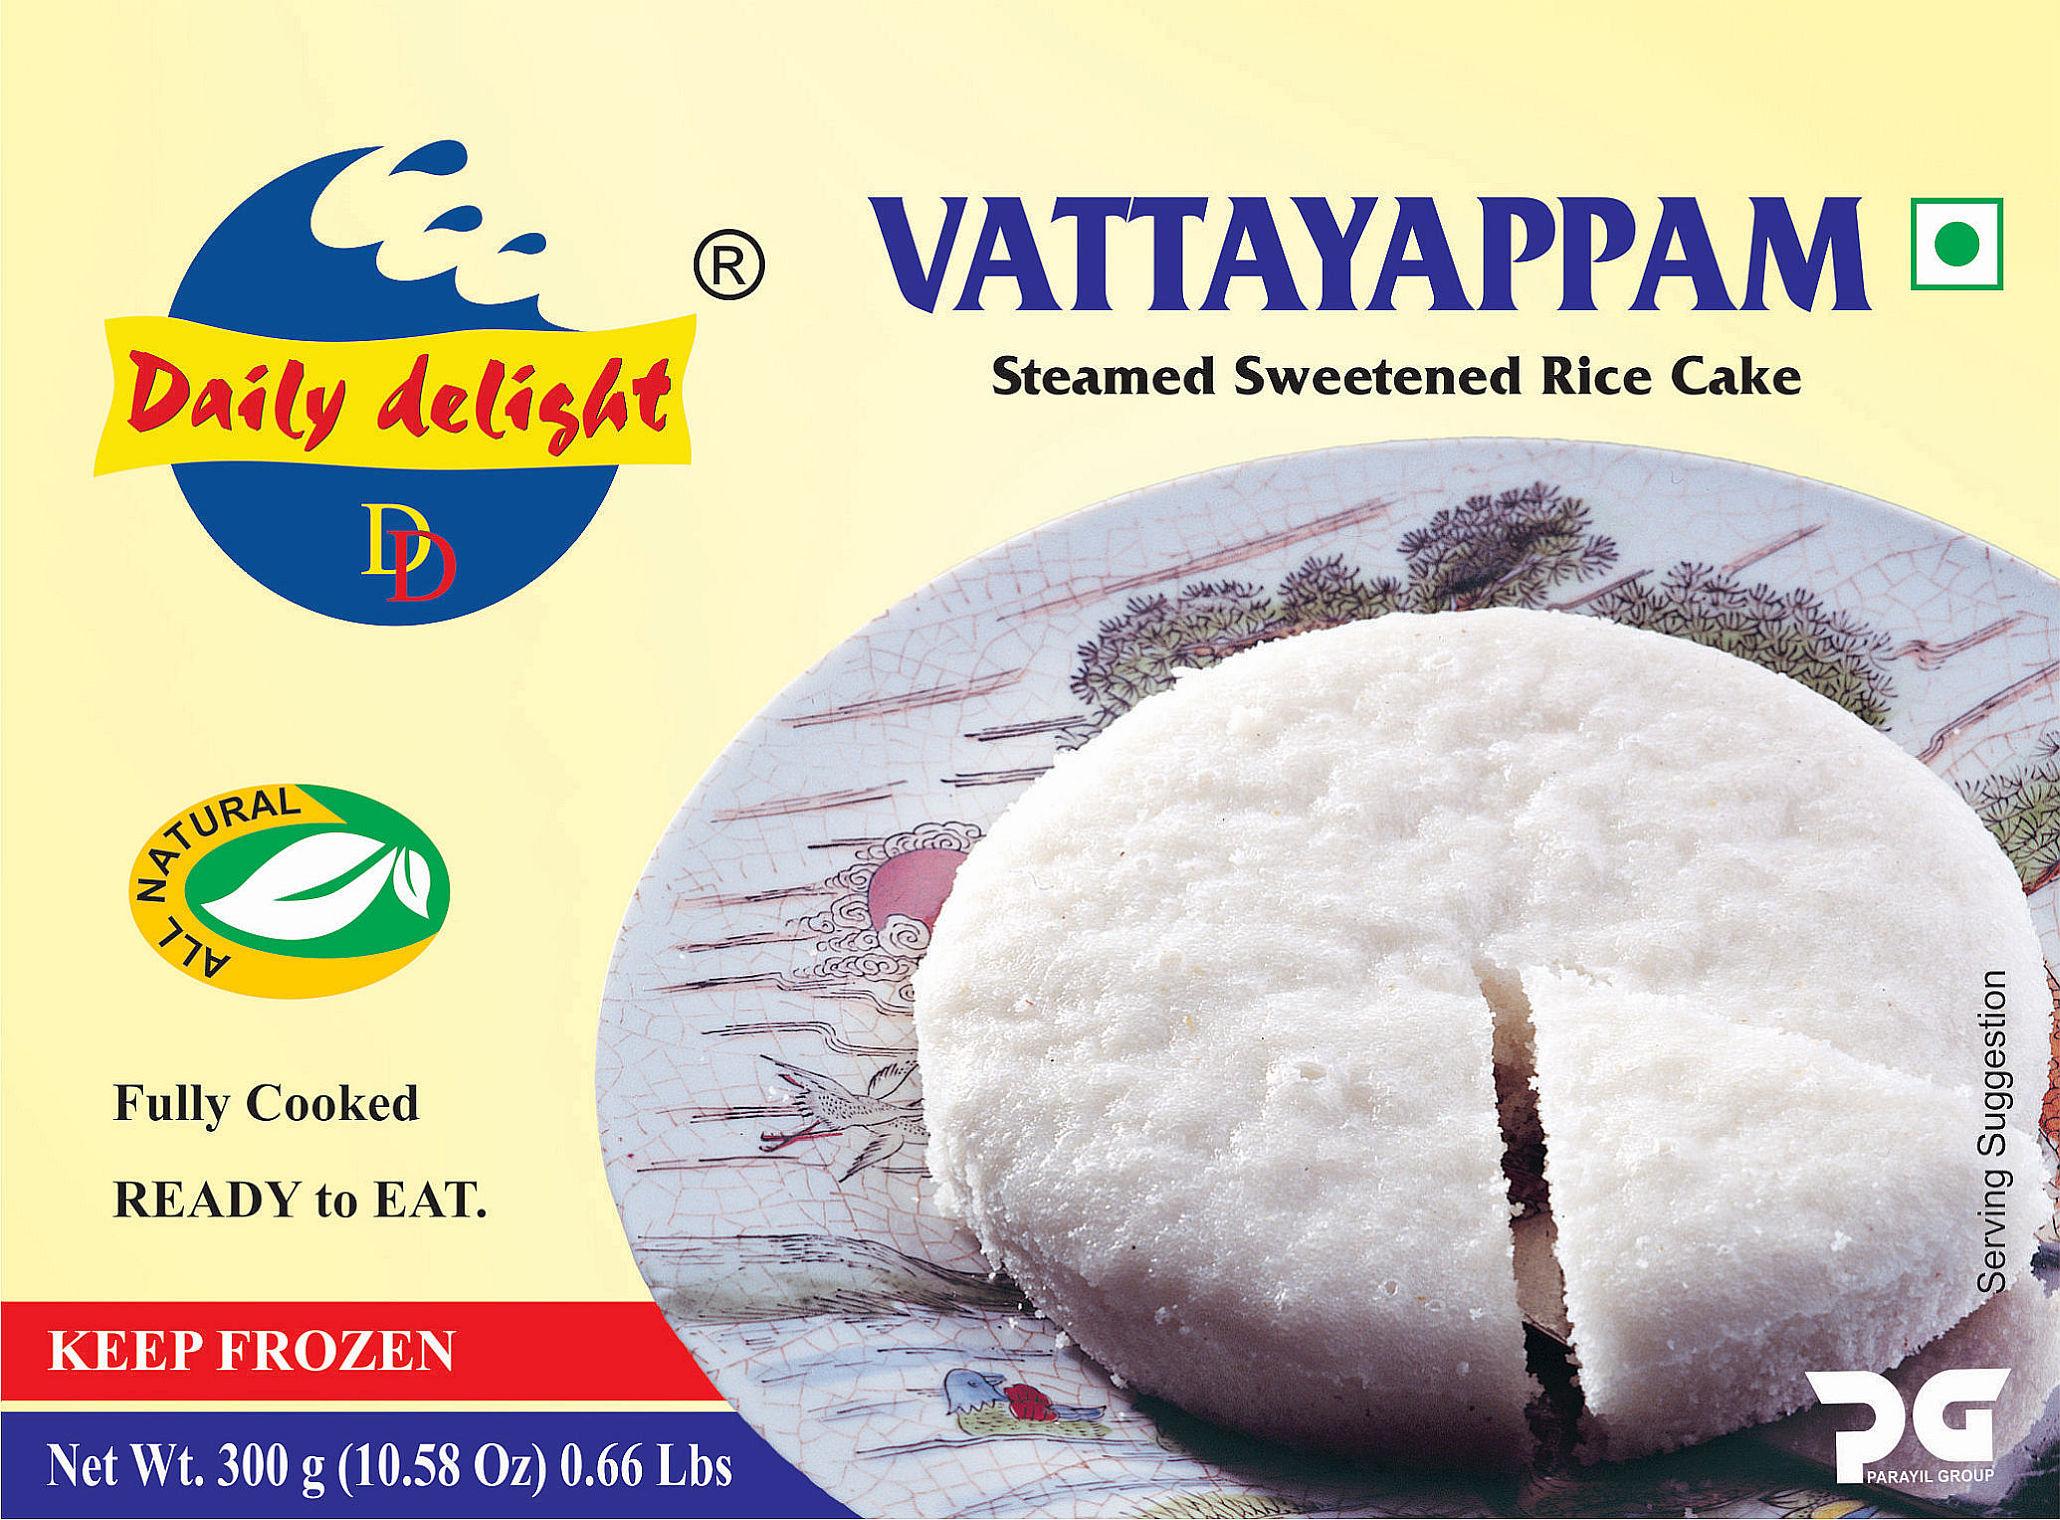 Daily Delight Vattayappam